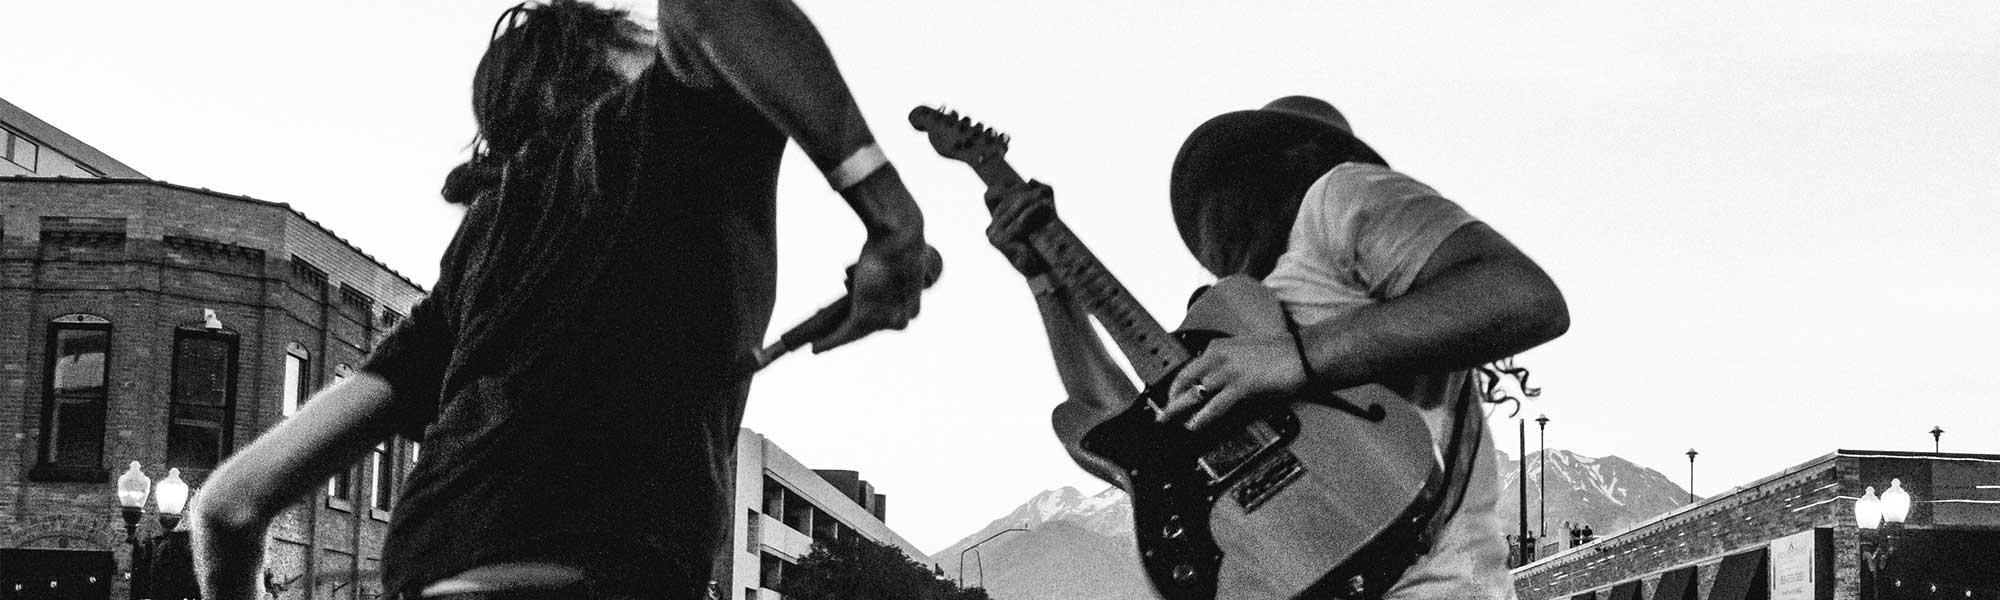 Rockbands buchen! Suchen, vergleichen ... Rockband buchen